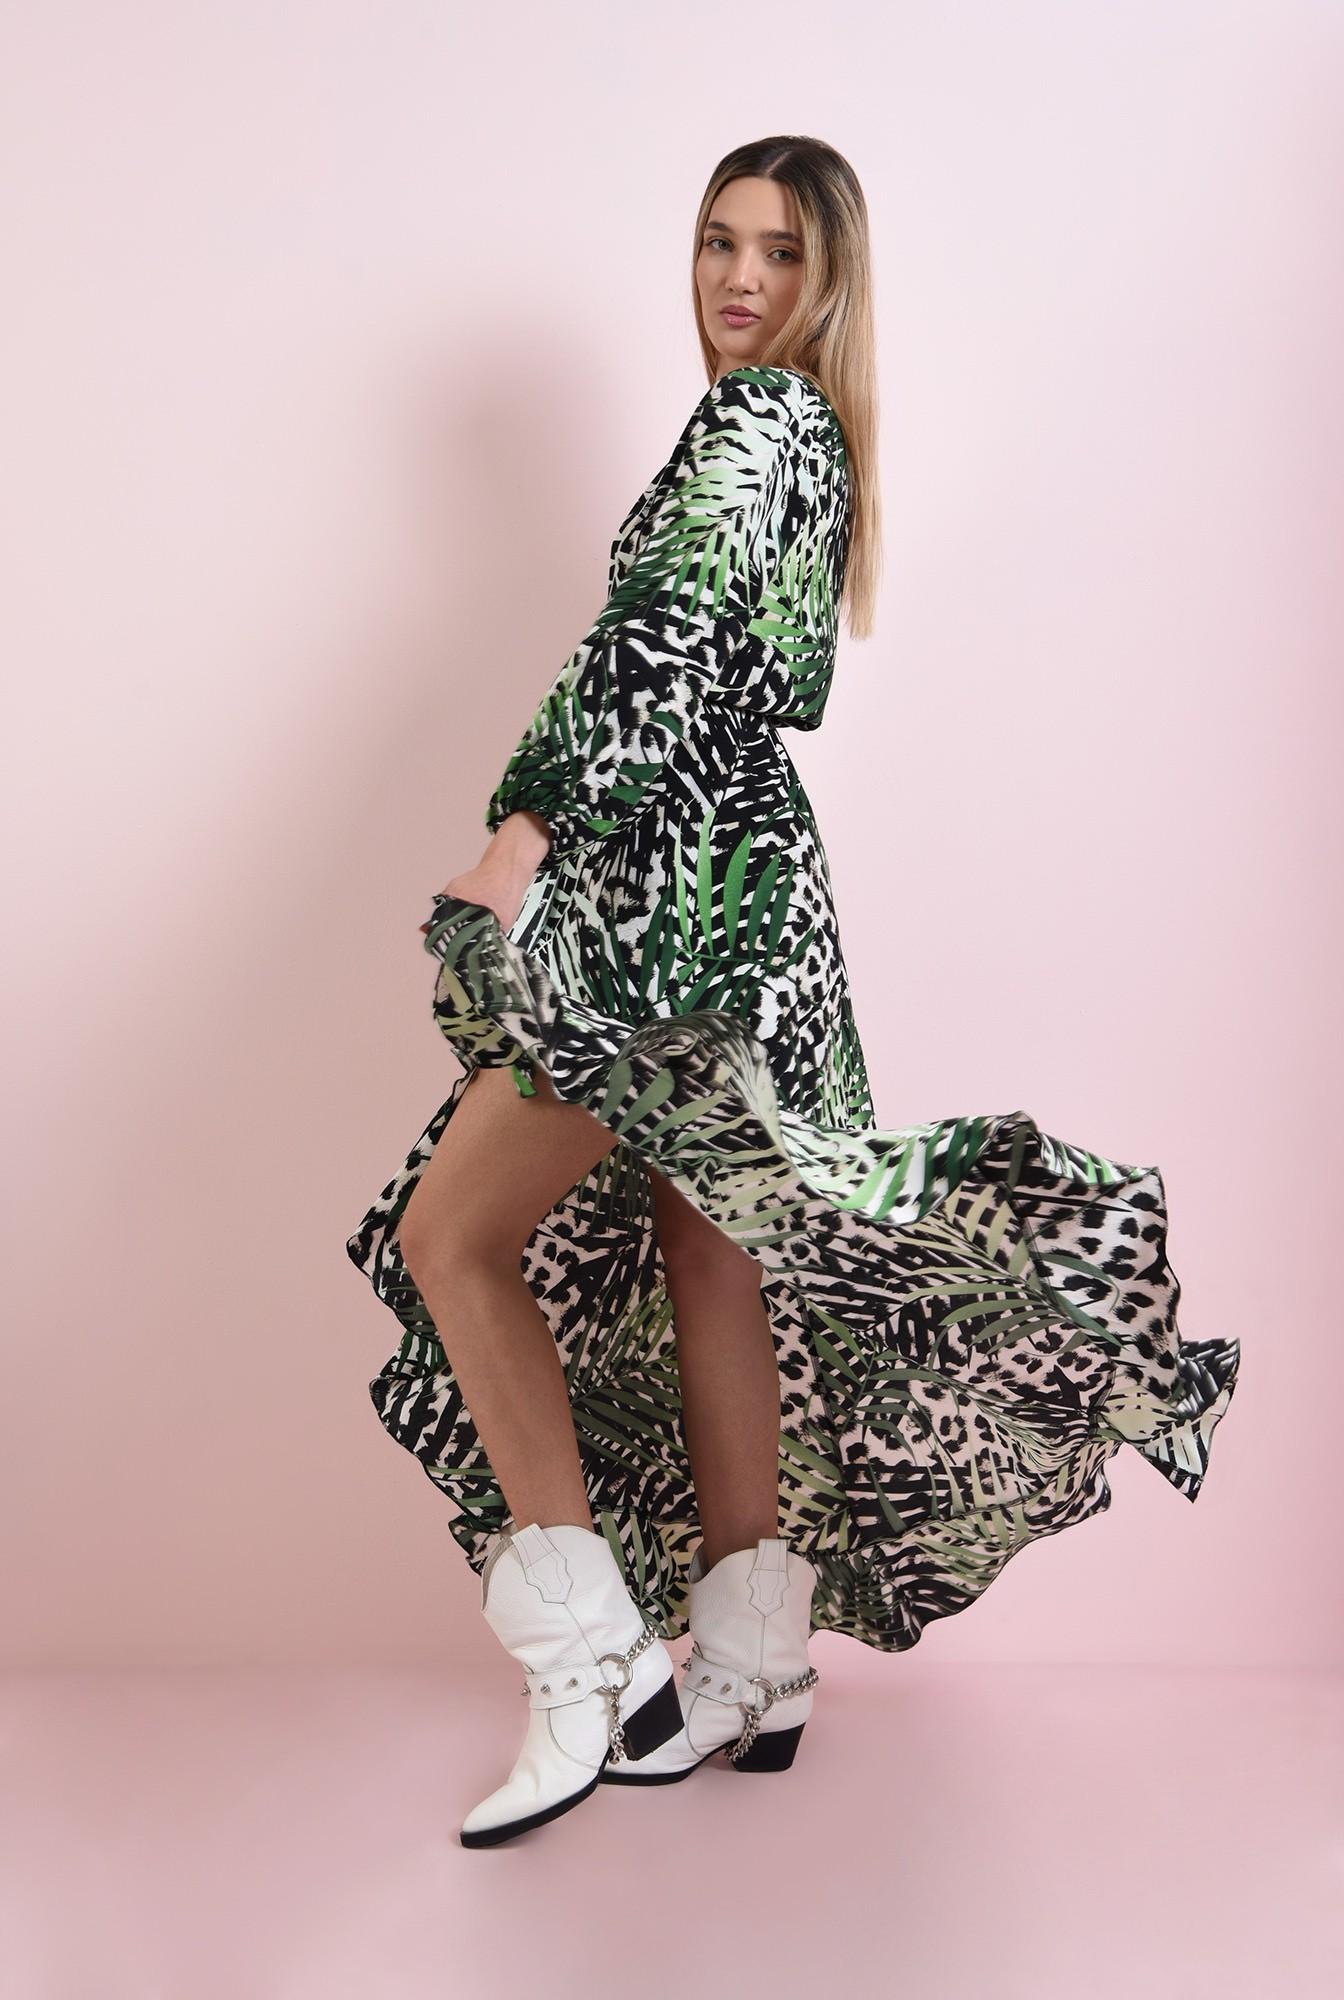 1 - rochie cu imprimeu botanic, cu maneca voluminoasa